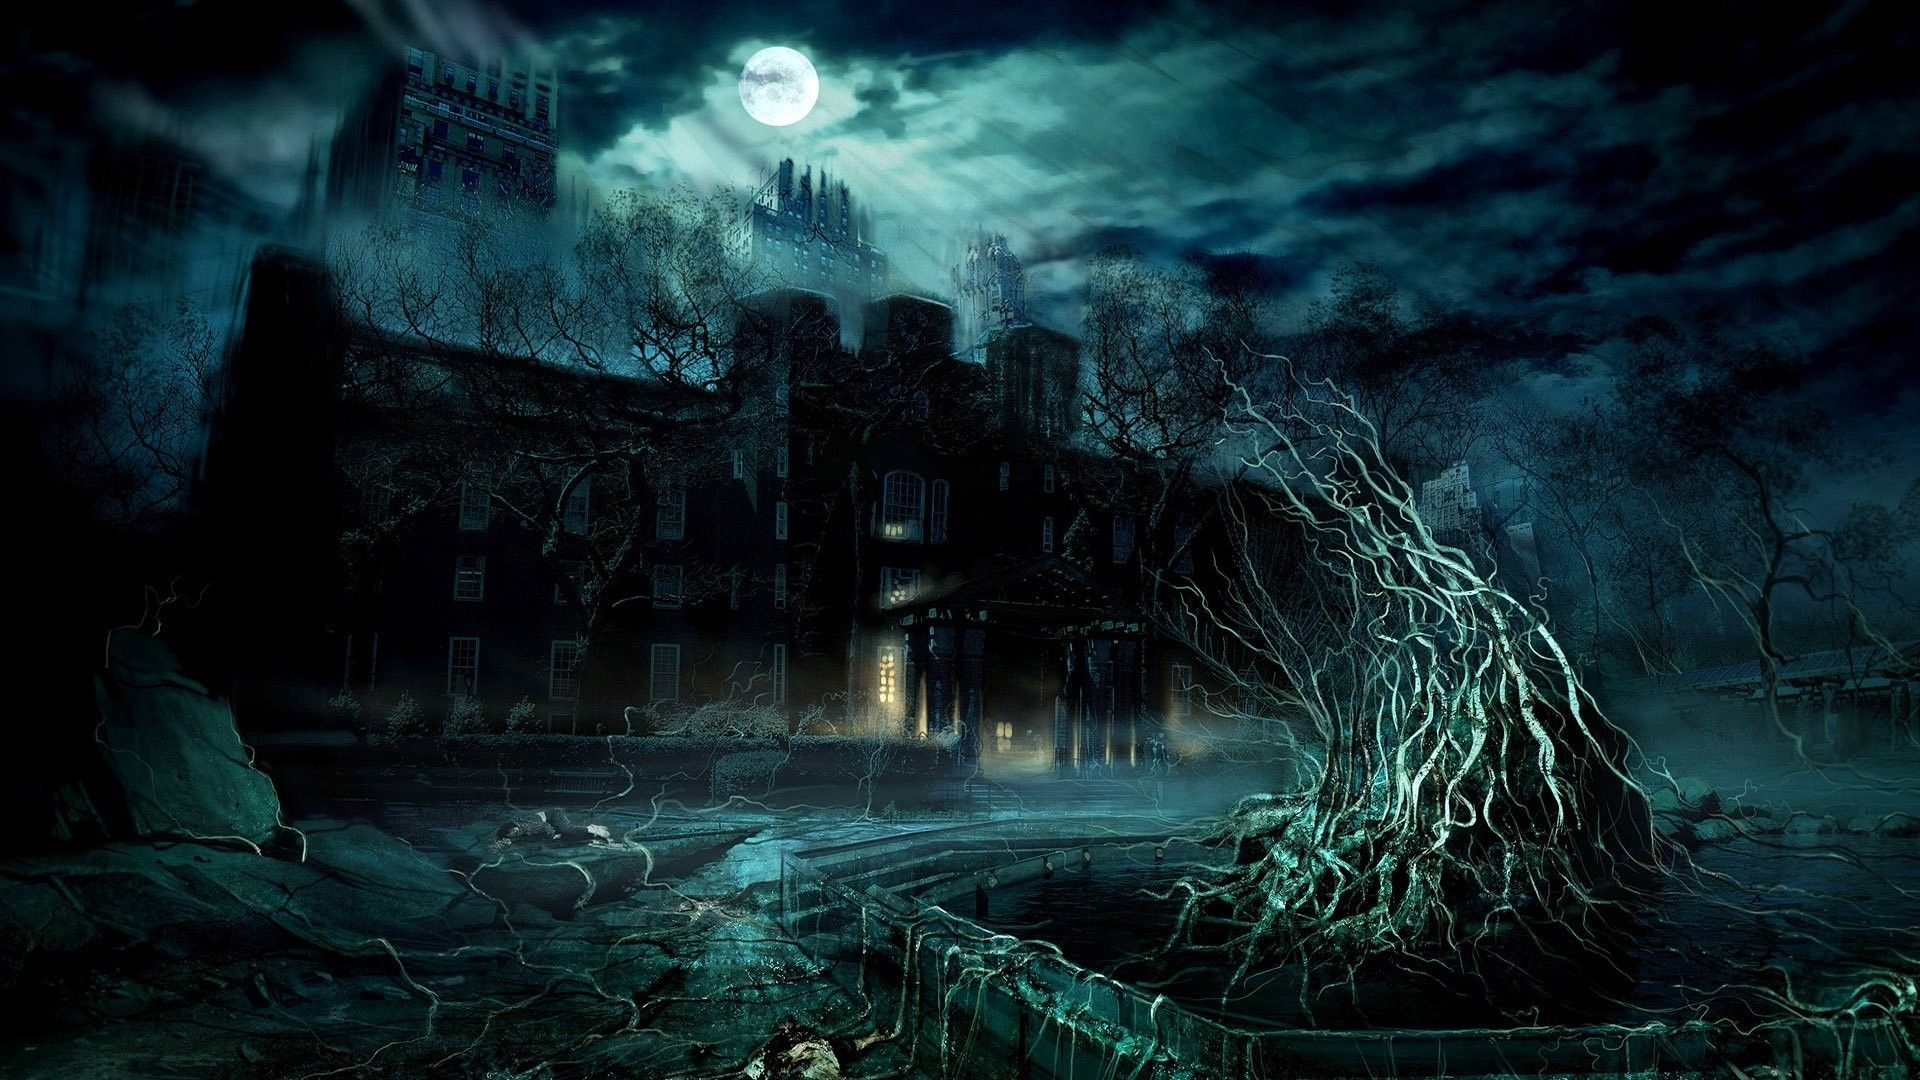 Dark mansion under the full moon digital art hd wallpaper x ... | loves | Gothic wallpaper ...